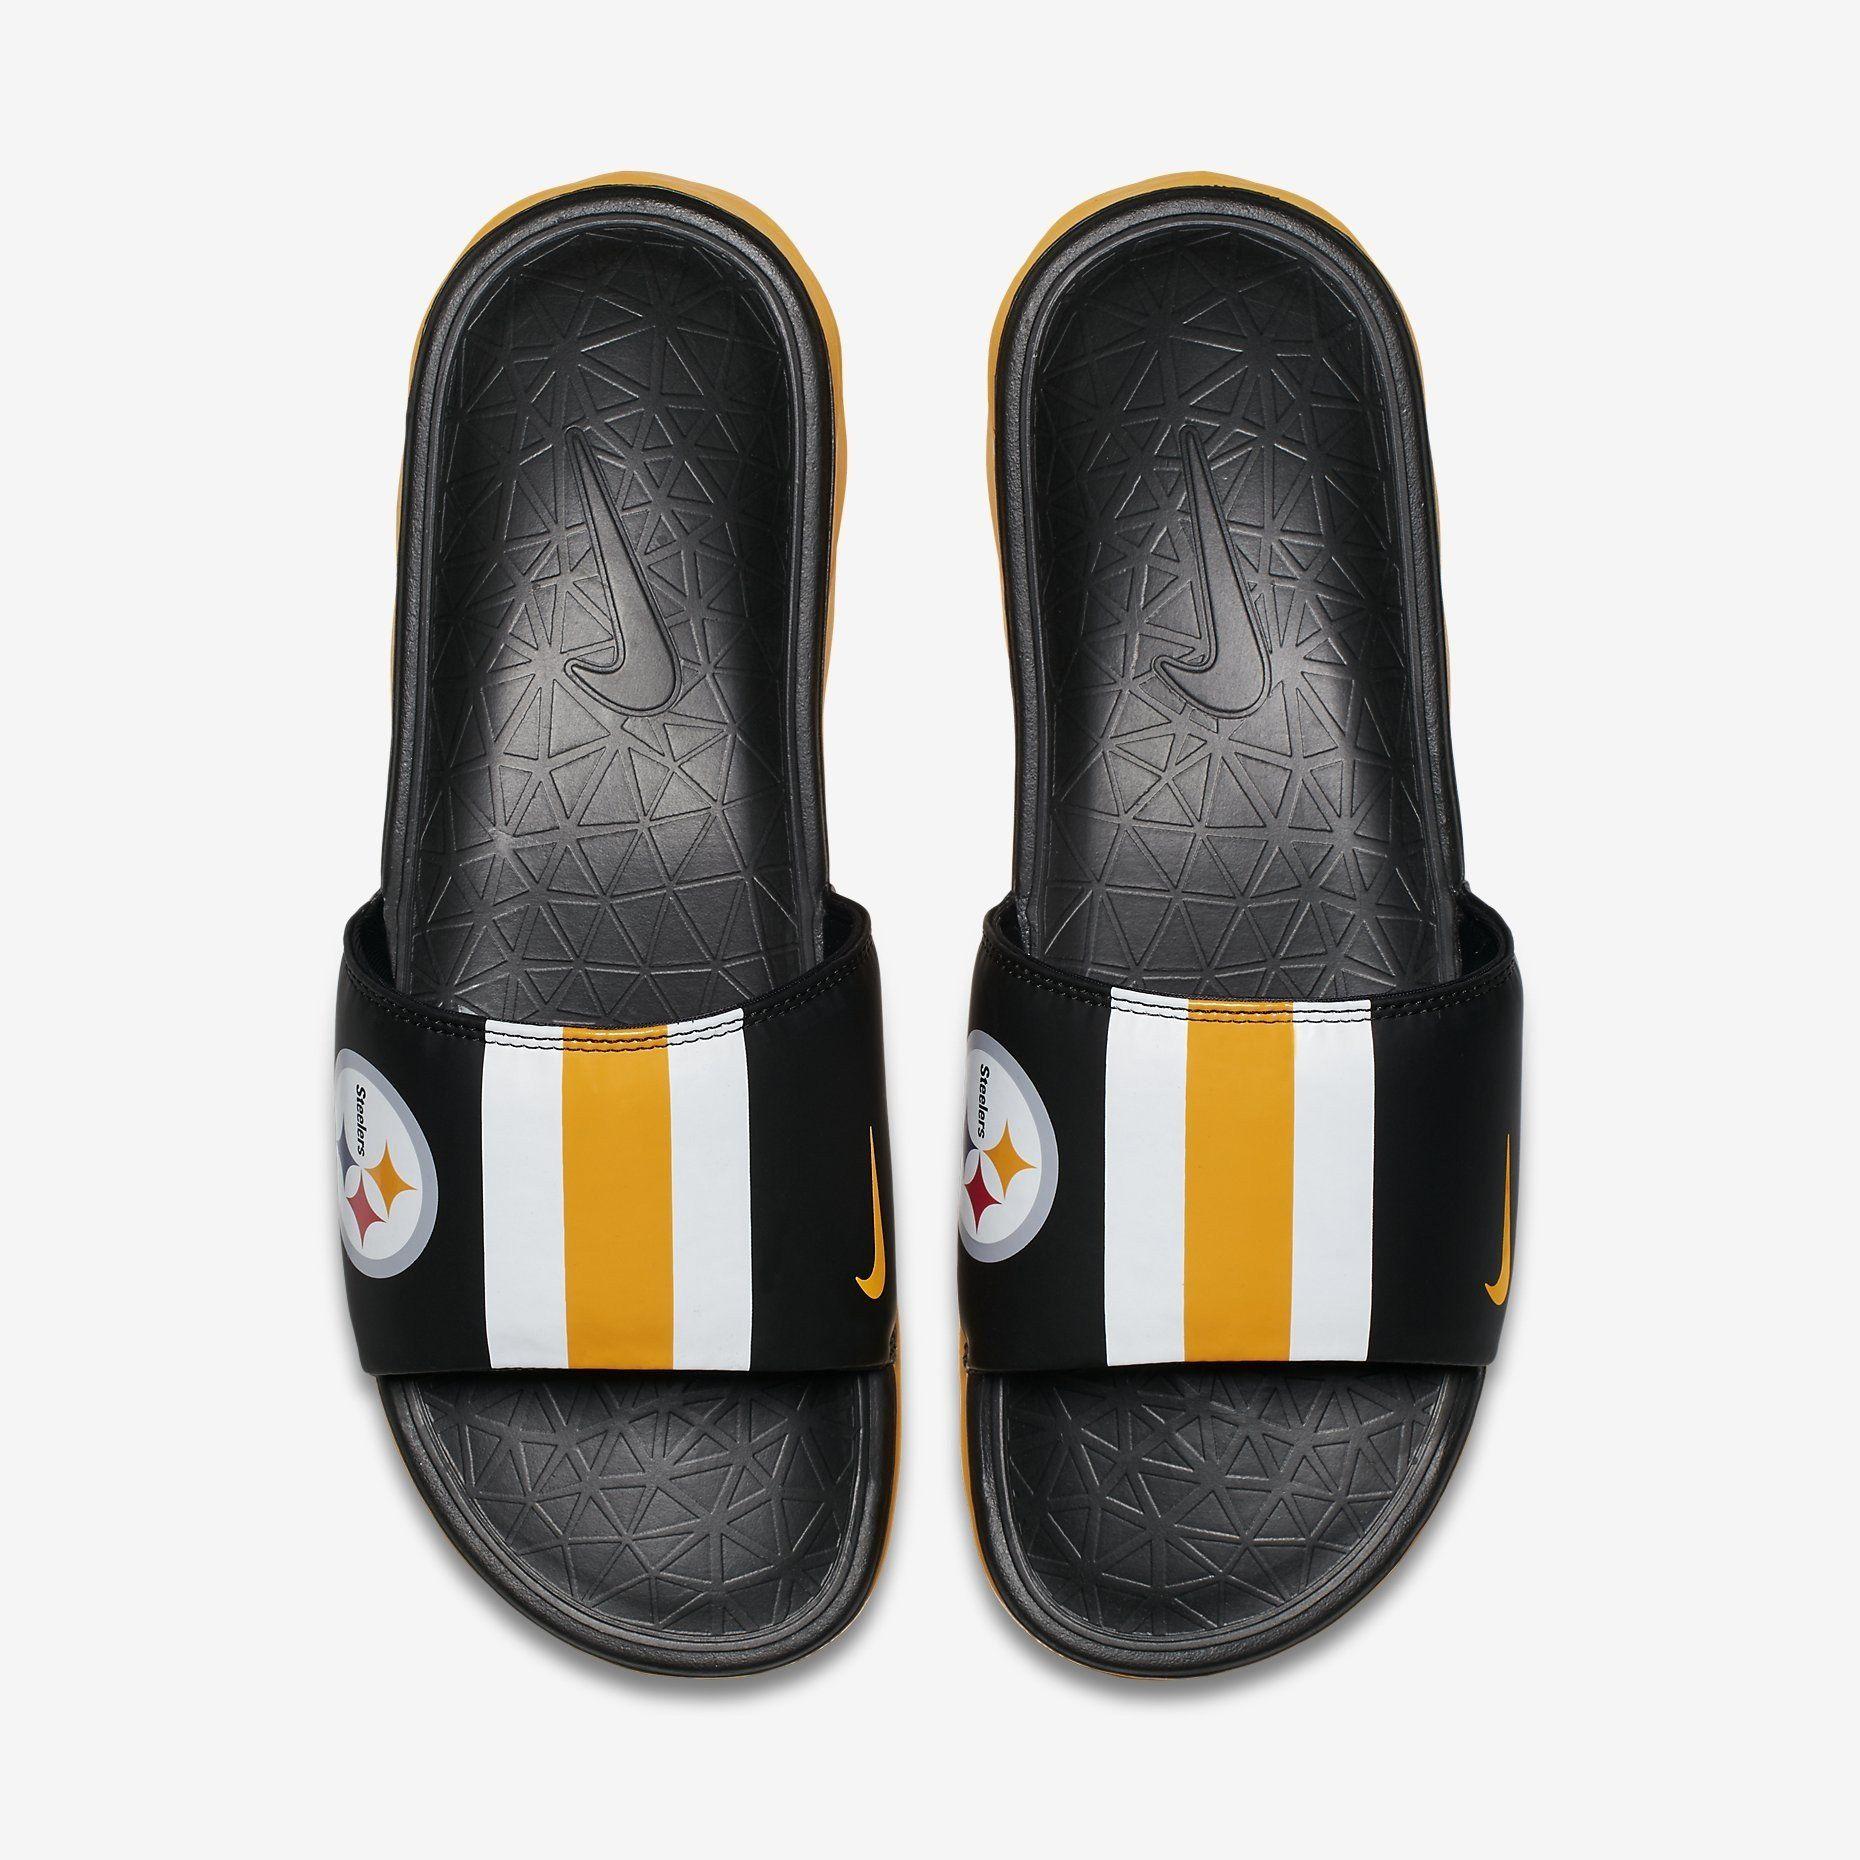 c3b56e4629ea Steelers NFL Nike Men s Benassi Solarsoft Team Slides